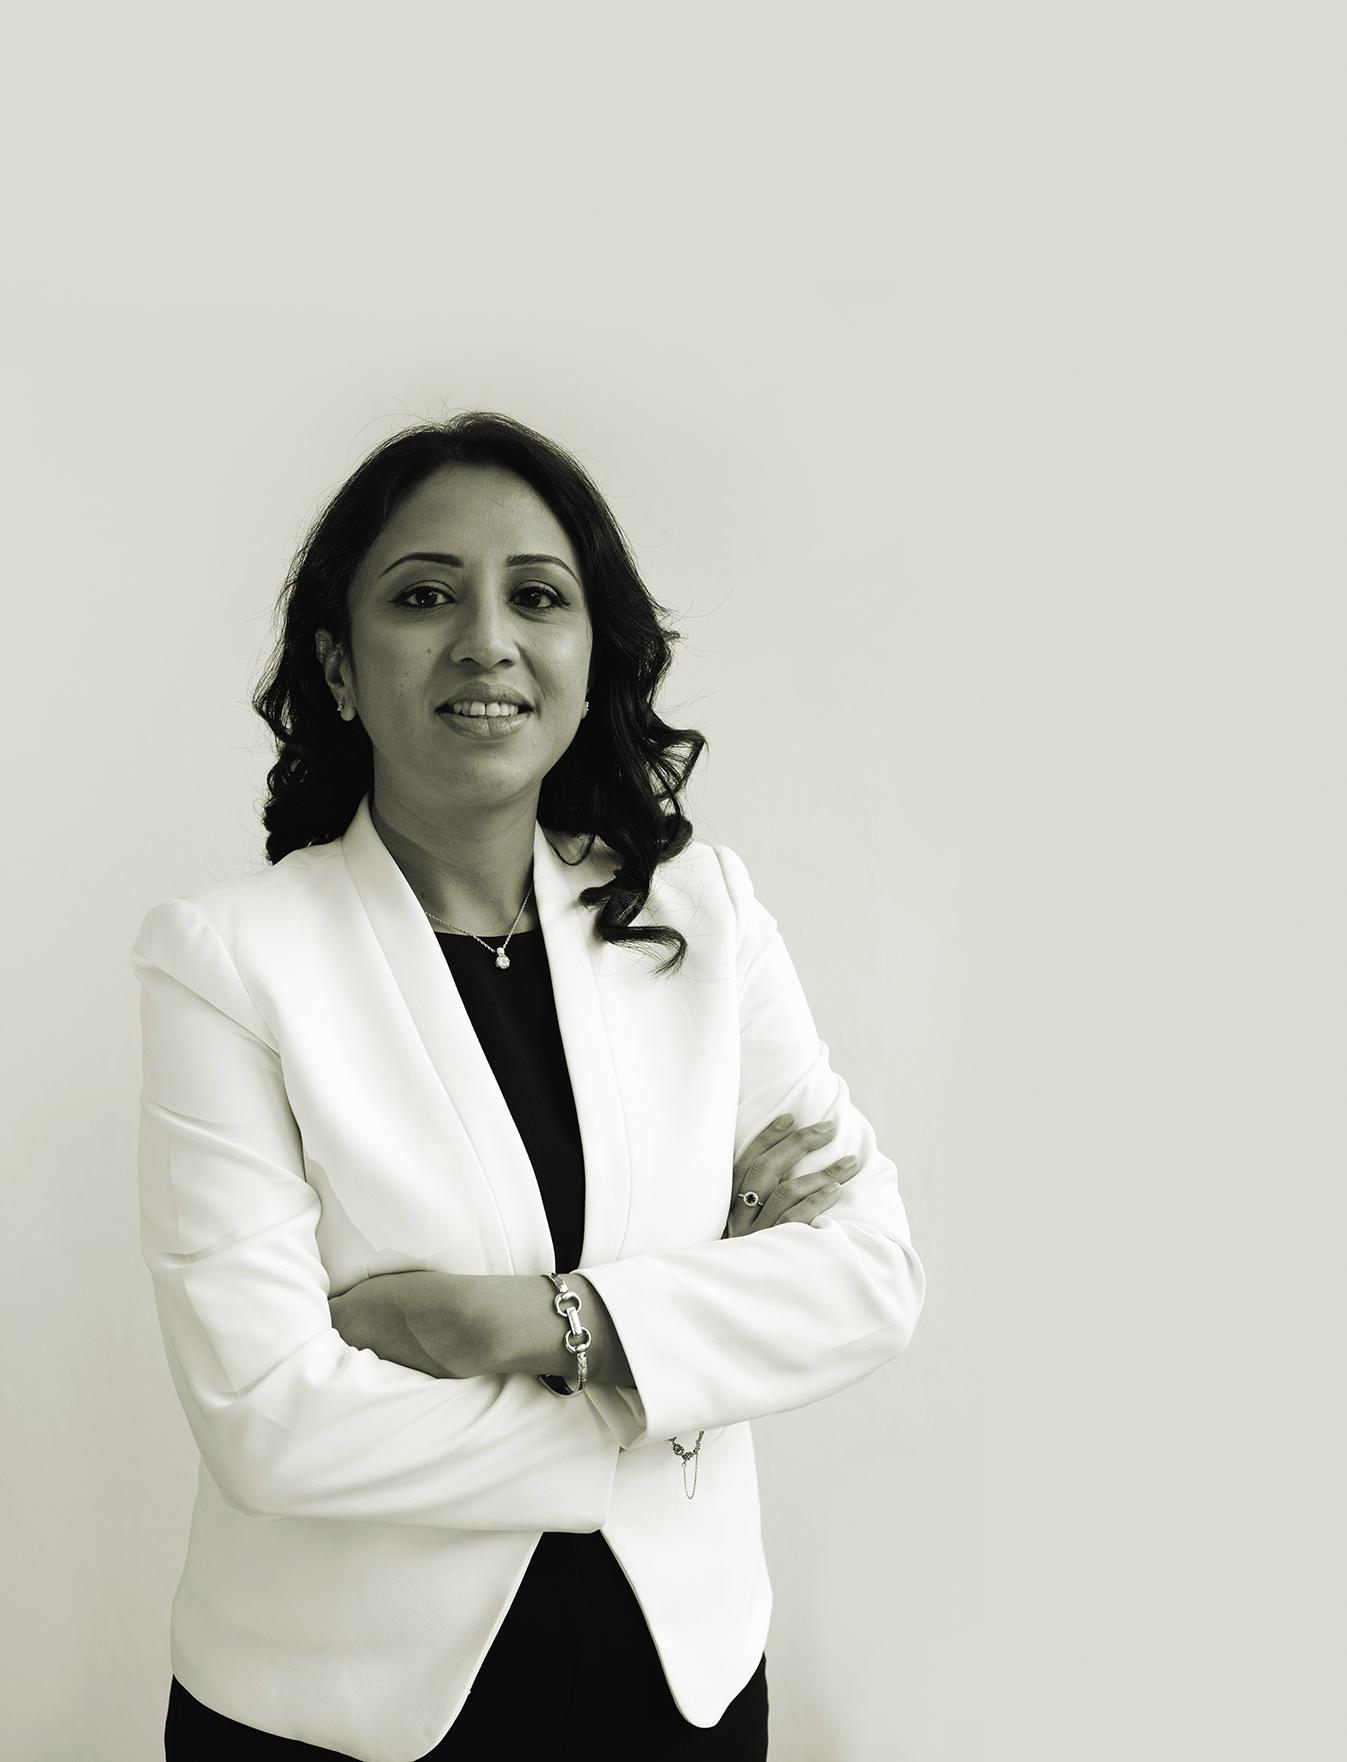 Shahannah Abdoolakhan (Fondatrice et CEO d'Abler Consulting Ltd) - Un as de la conformité | business-magazine.mu